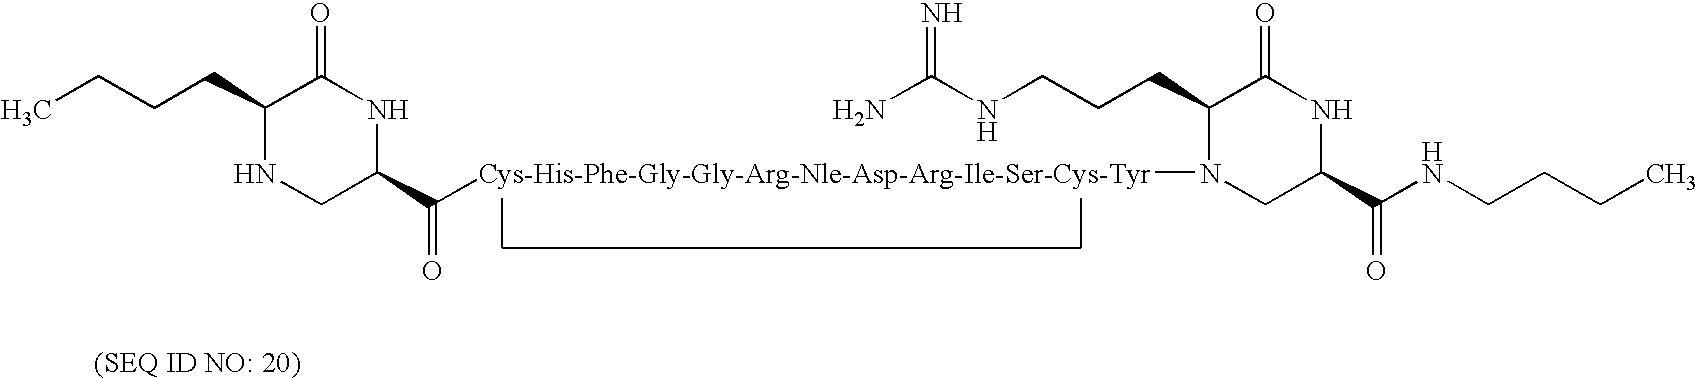 Figure US07622440-20091124-C00357